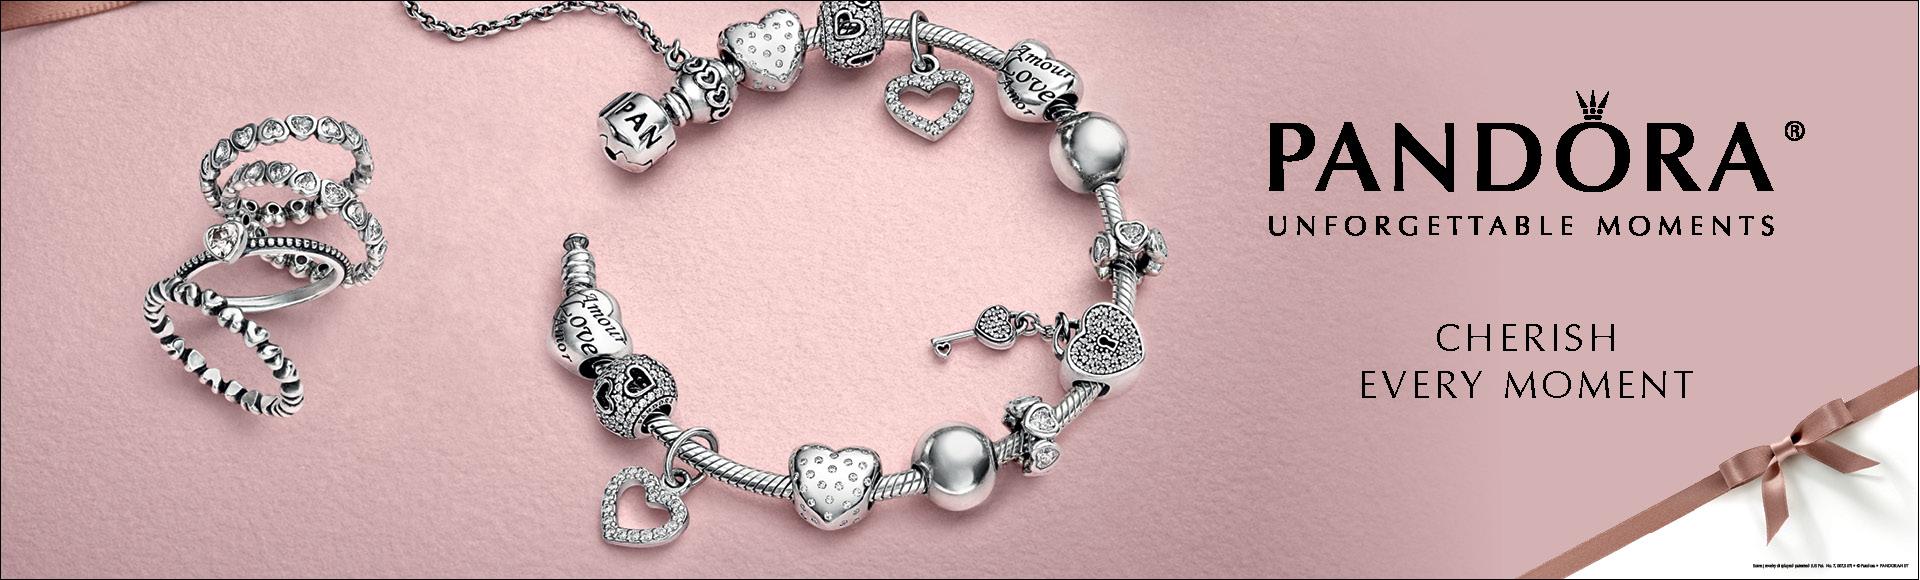 Pandora Valentines 2015